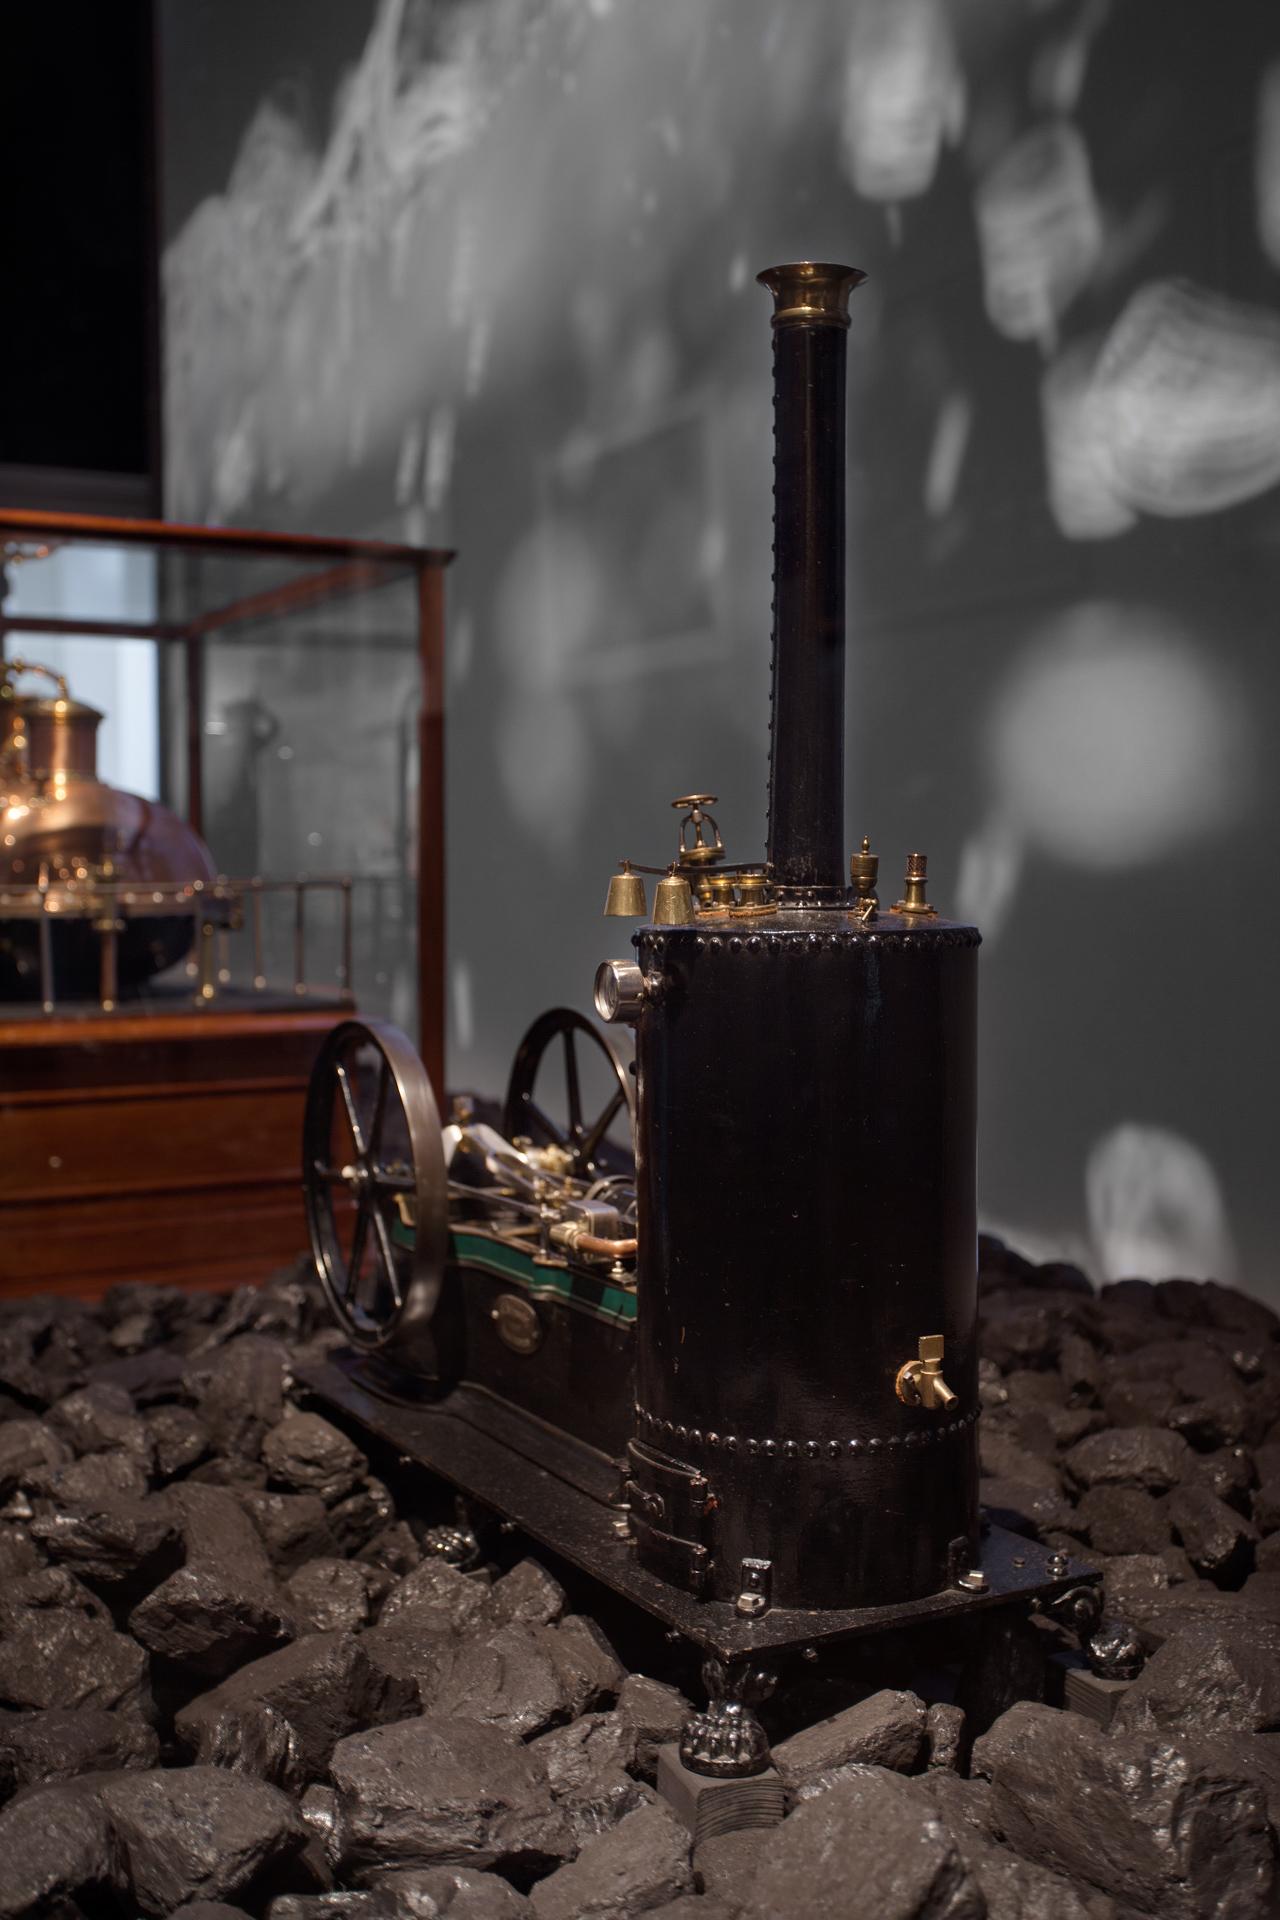 tentoonstellingsontwerp ijzeren eeuw amsterdam museum 09 jpg